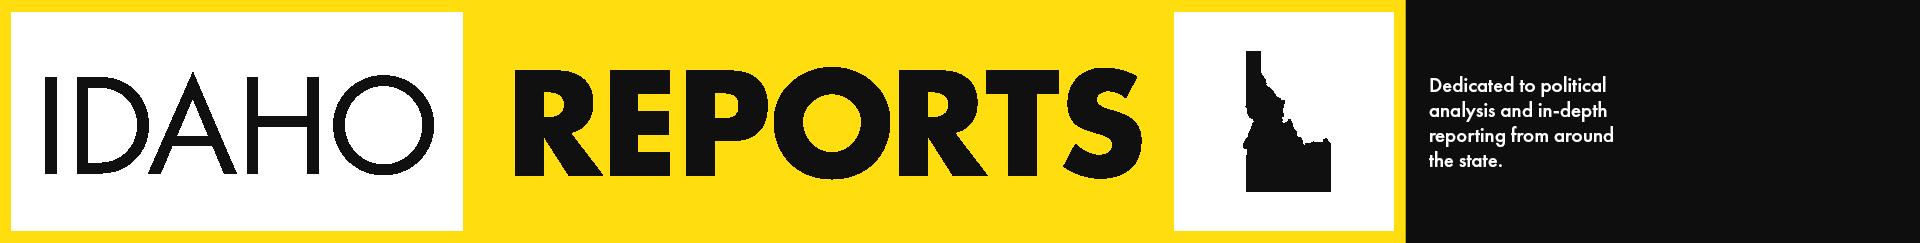 Idaho Reports